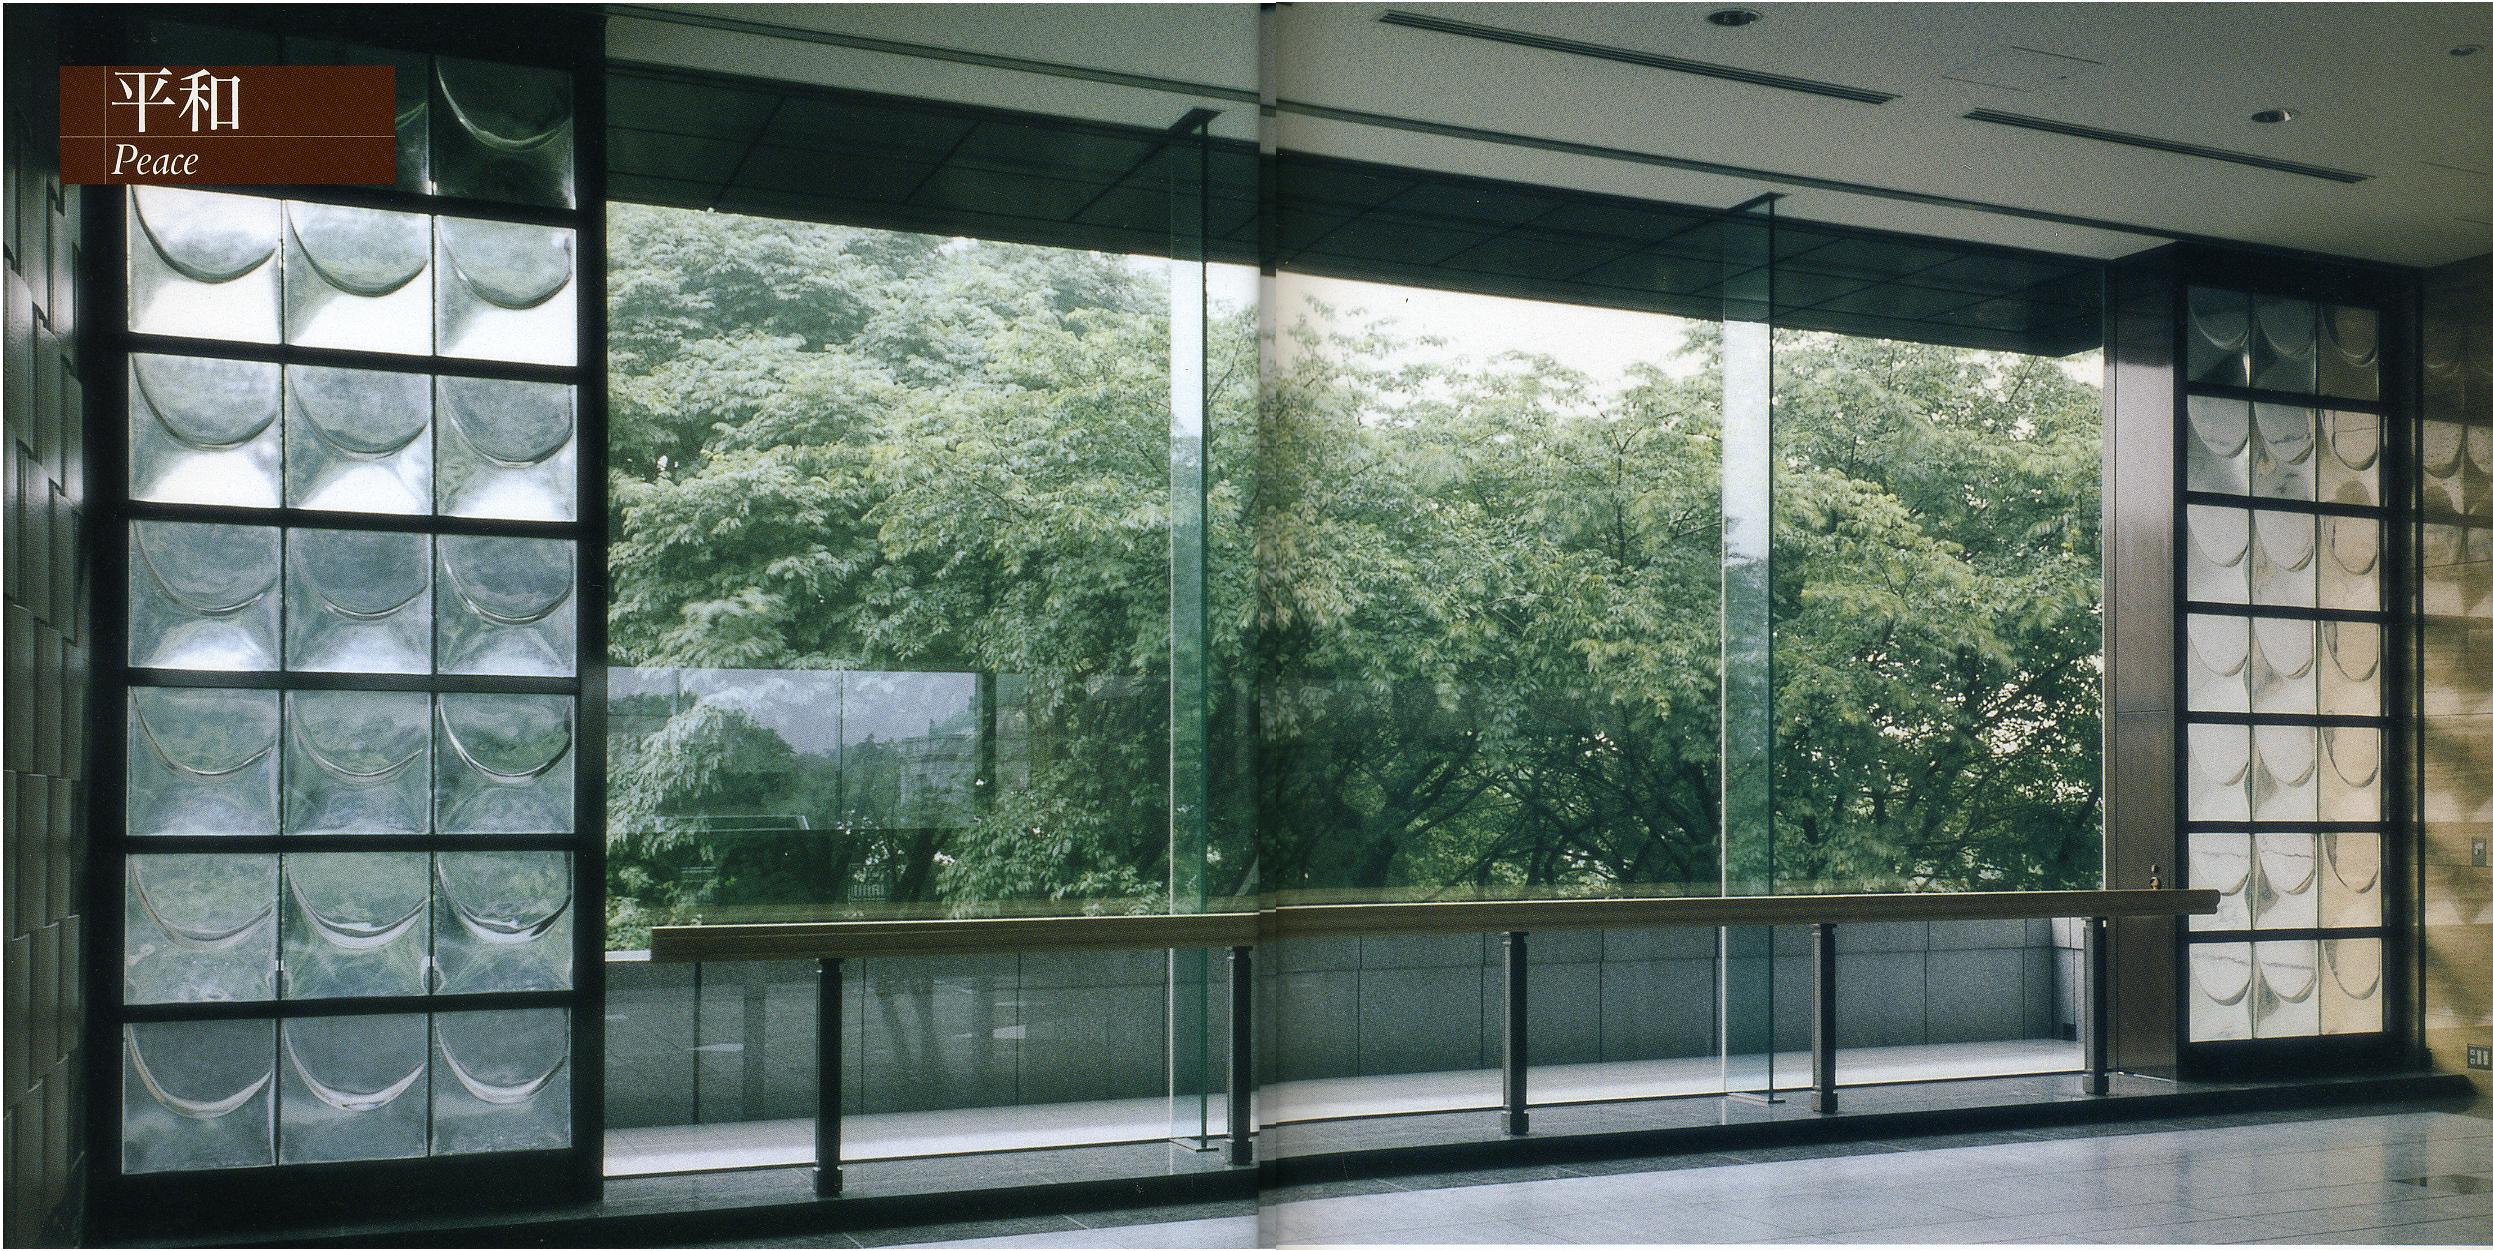 東京国立博物館 平成館3